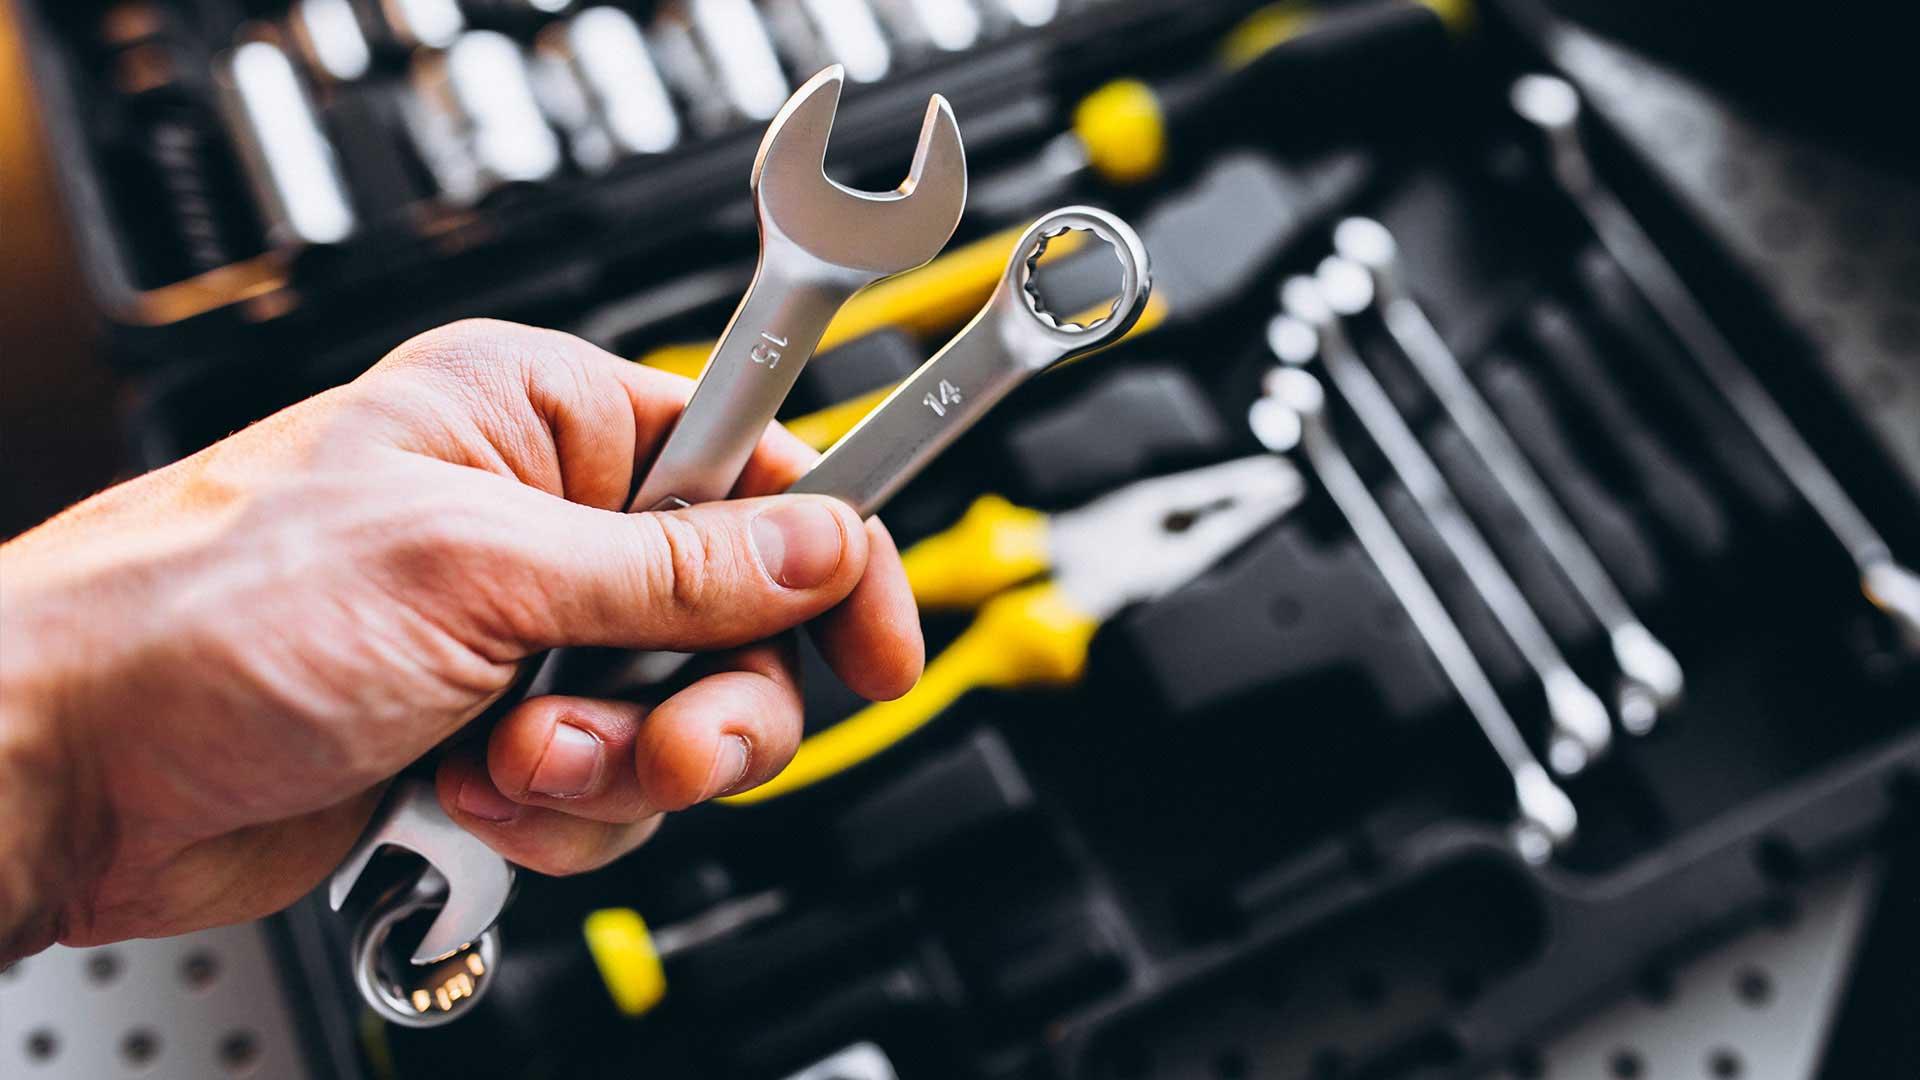 Auto Parts Retailer